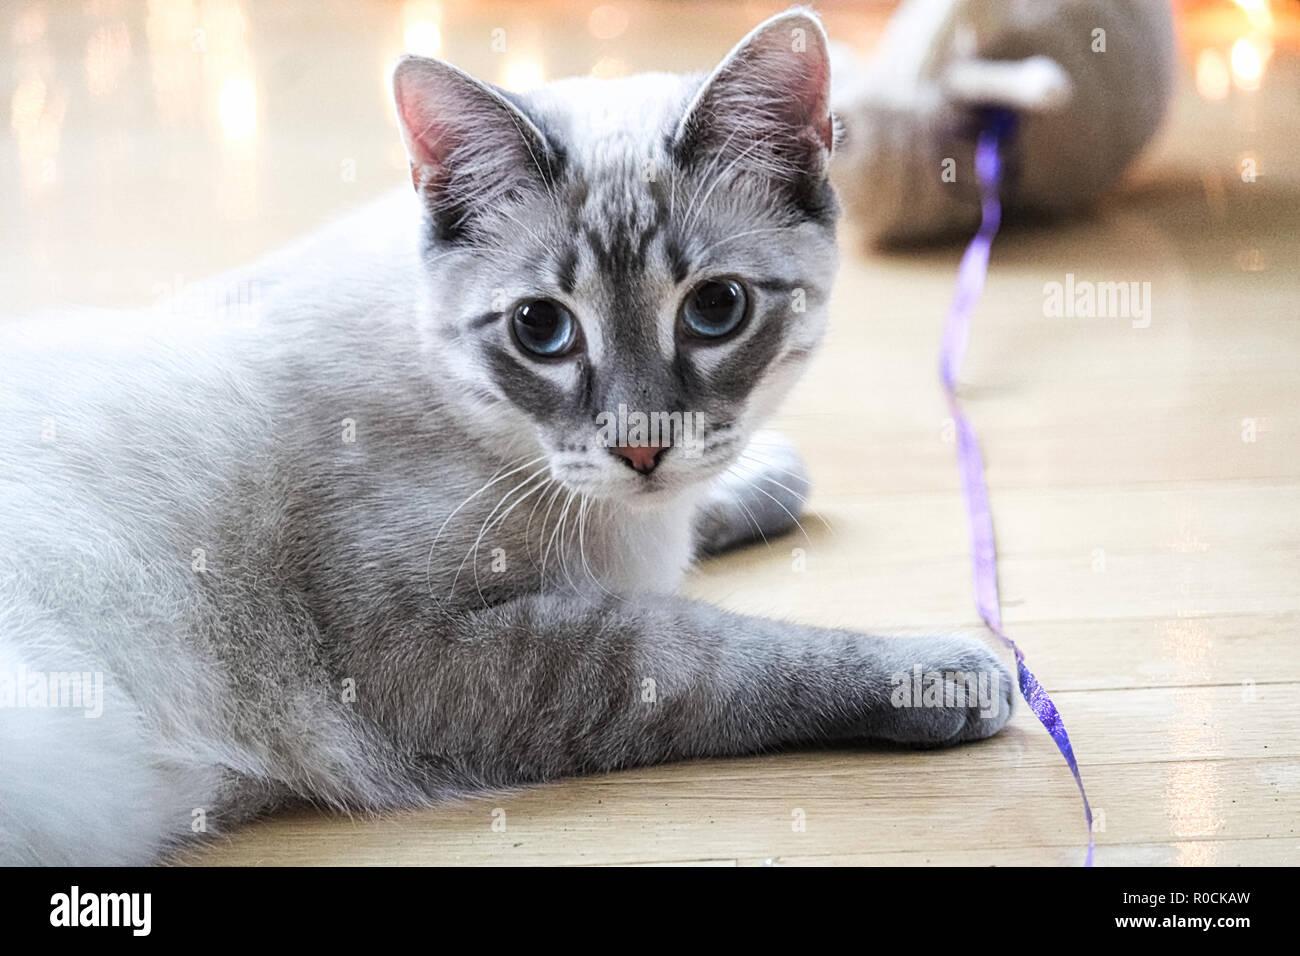 Um gato malhado joga com um brinquedo em uma string Imagens de Stock